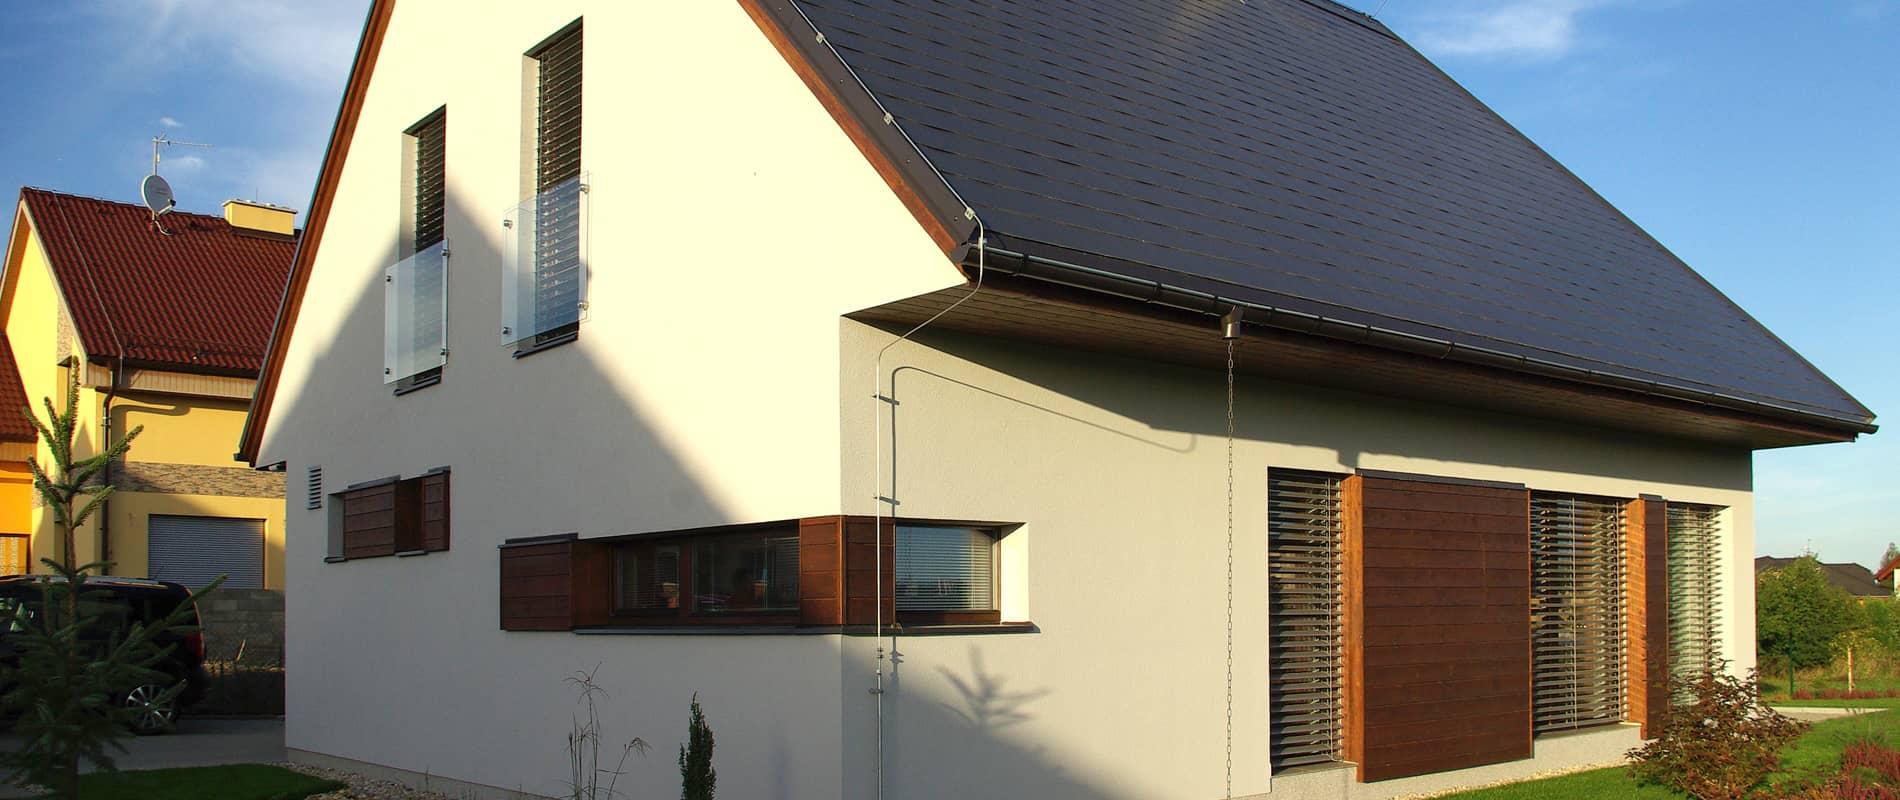 Dům zalitý sluncem